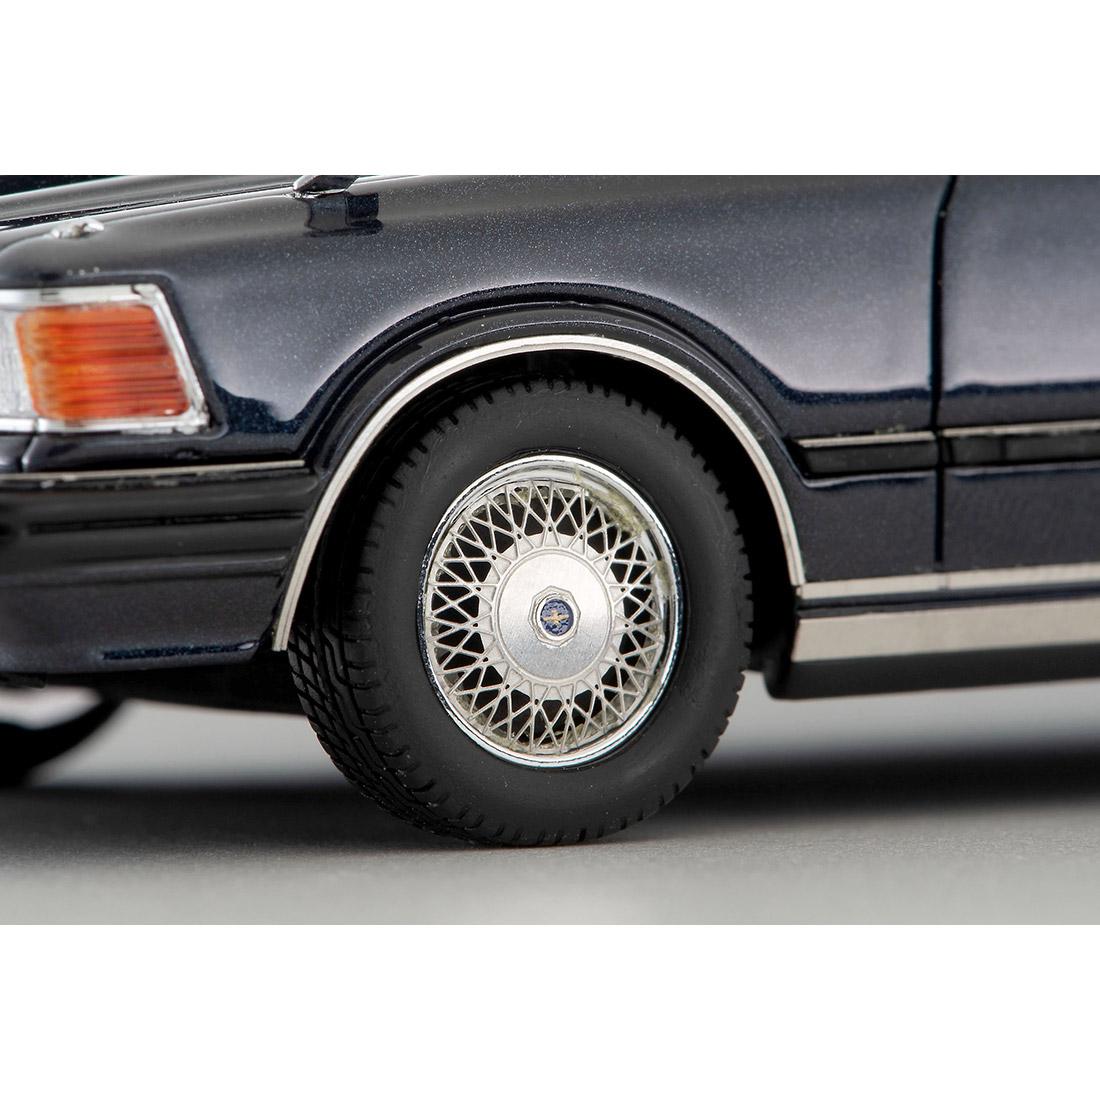 イグニッションモデル『T-IG4325 日産セドリックHT 280E ブロアム(白)』1/43 ミニカー-017